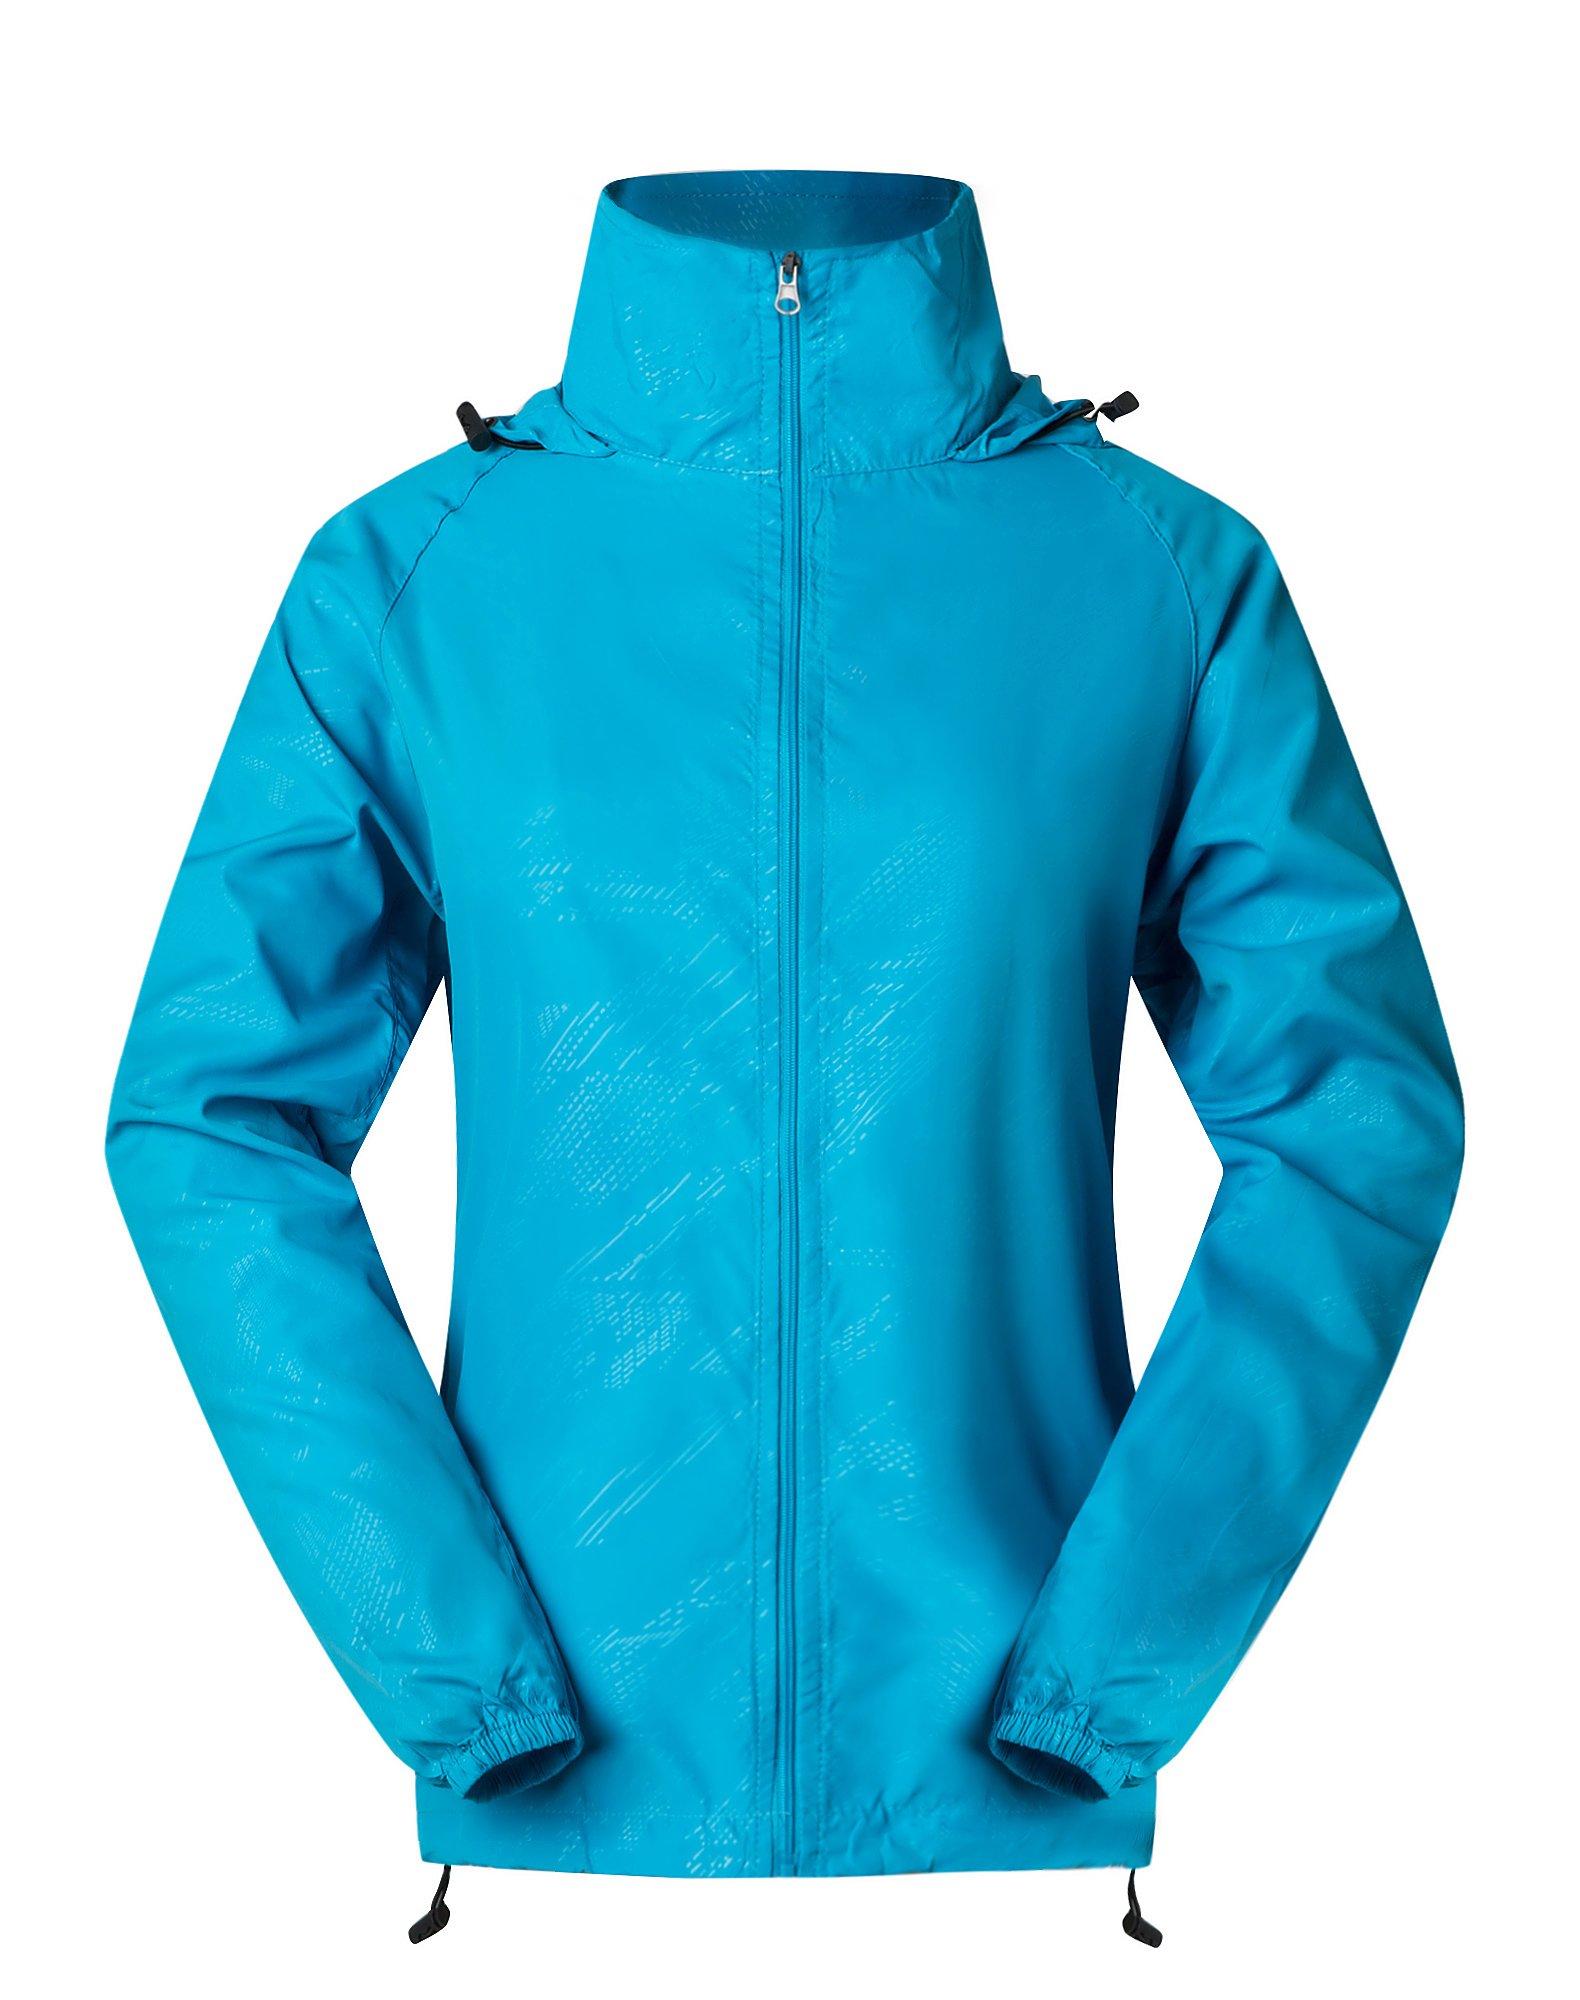 Cheering Spmor Women's Lightweight Jackets Waterproof Windbreaker Jacket UV Protect Running Coat S